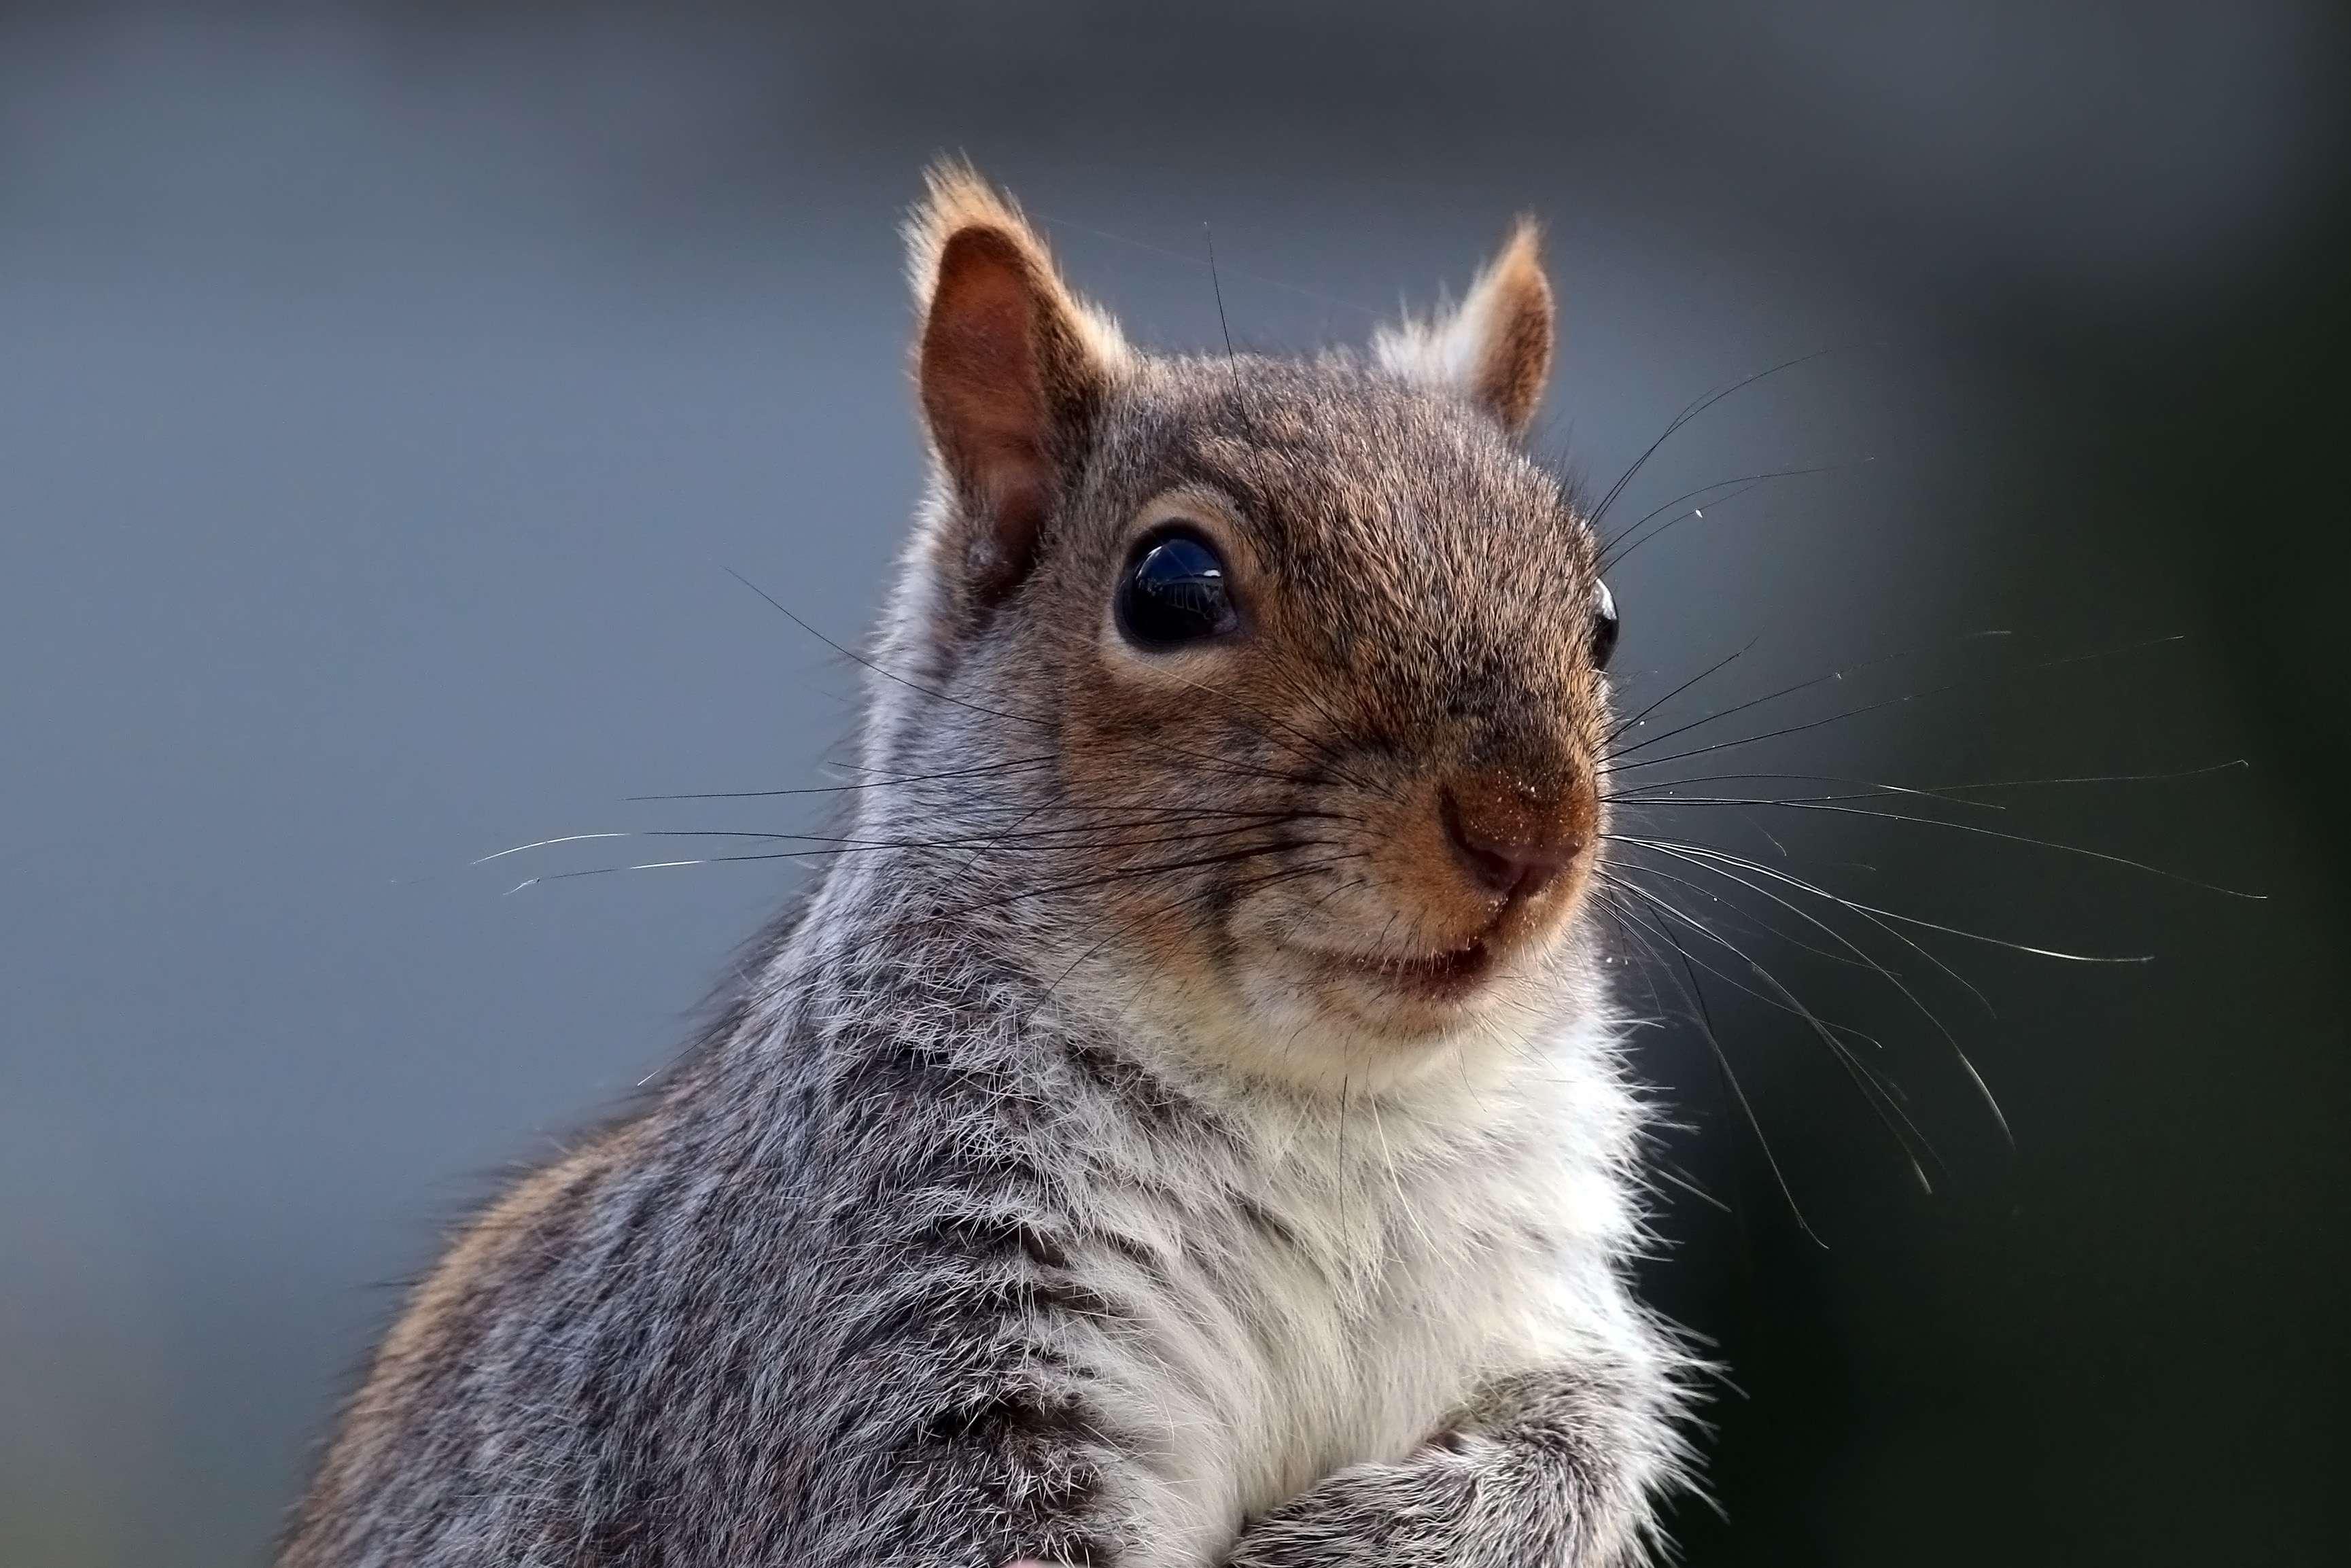 घर में ऐसा करते दिखे गिलहरी तो समझ लें, आपको जल्द मिलने वाली है बड़ी खुशखबरी